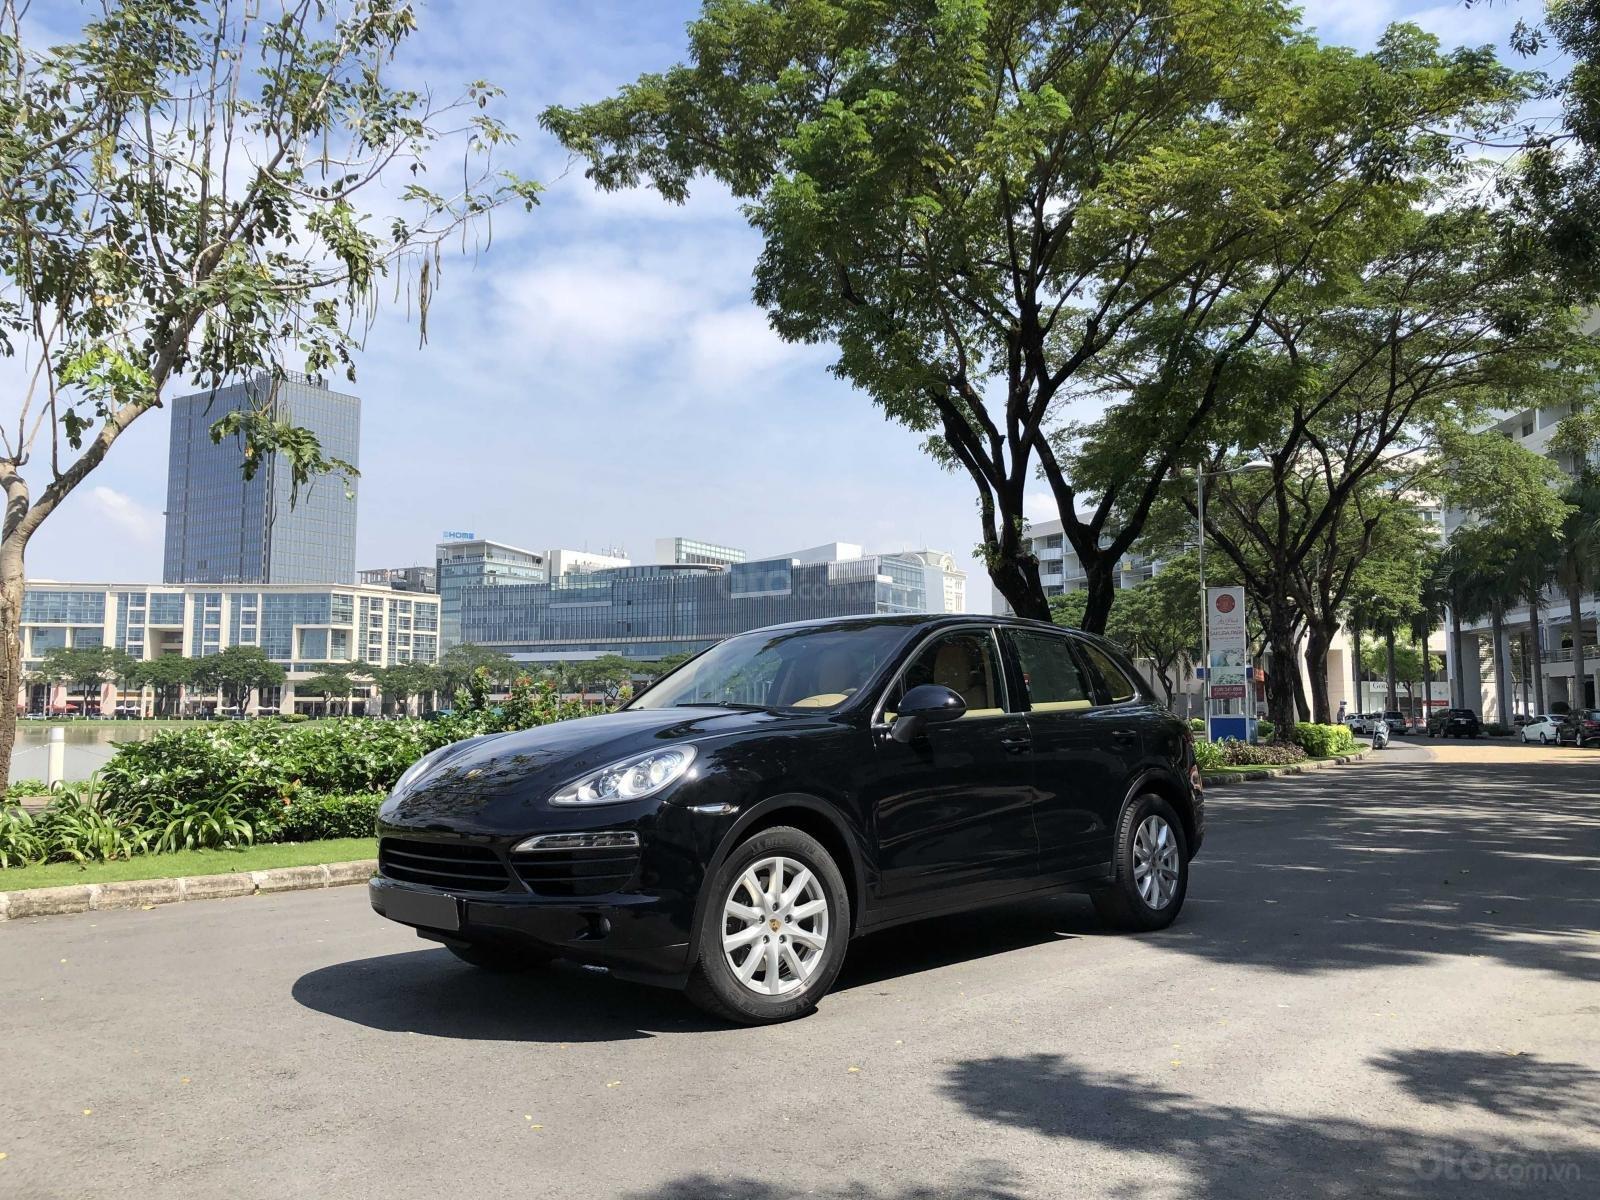 Cần bán Porsche Cayenne năm 2011, màu đen, xe nhập, giá chỉ 1 tỷ 790 triệu đồng (1)